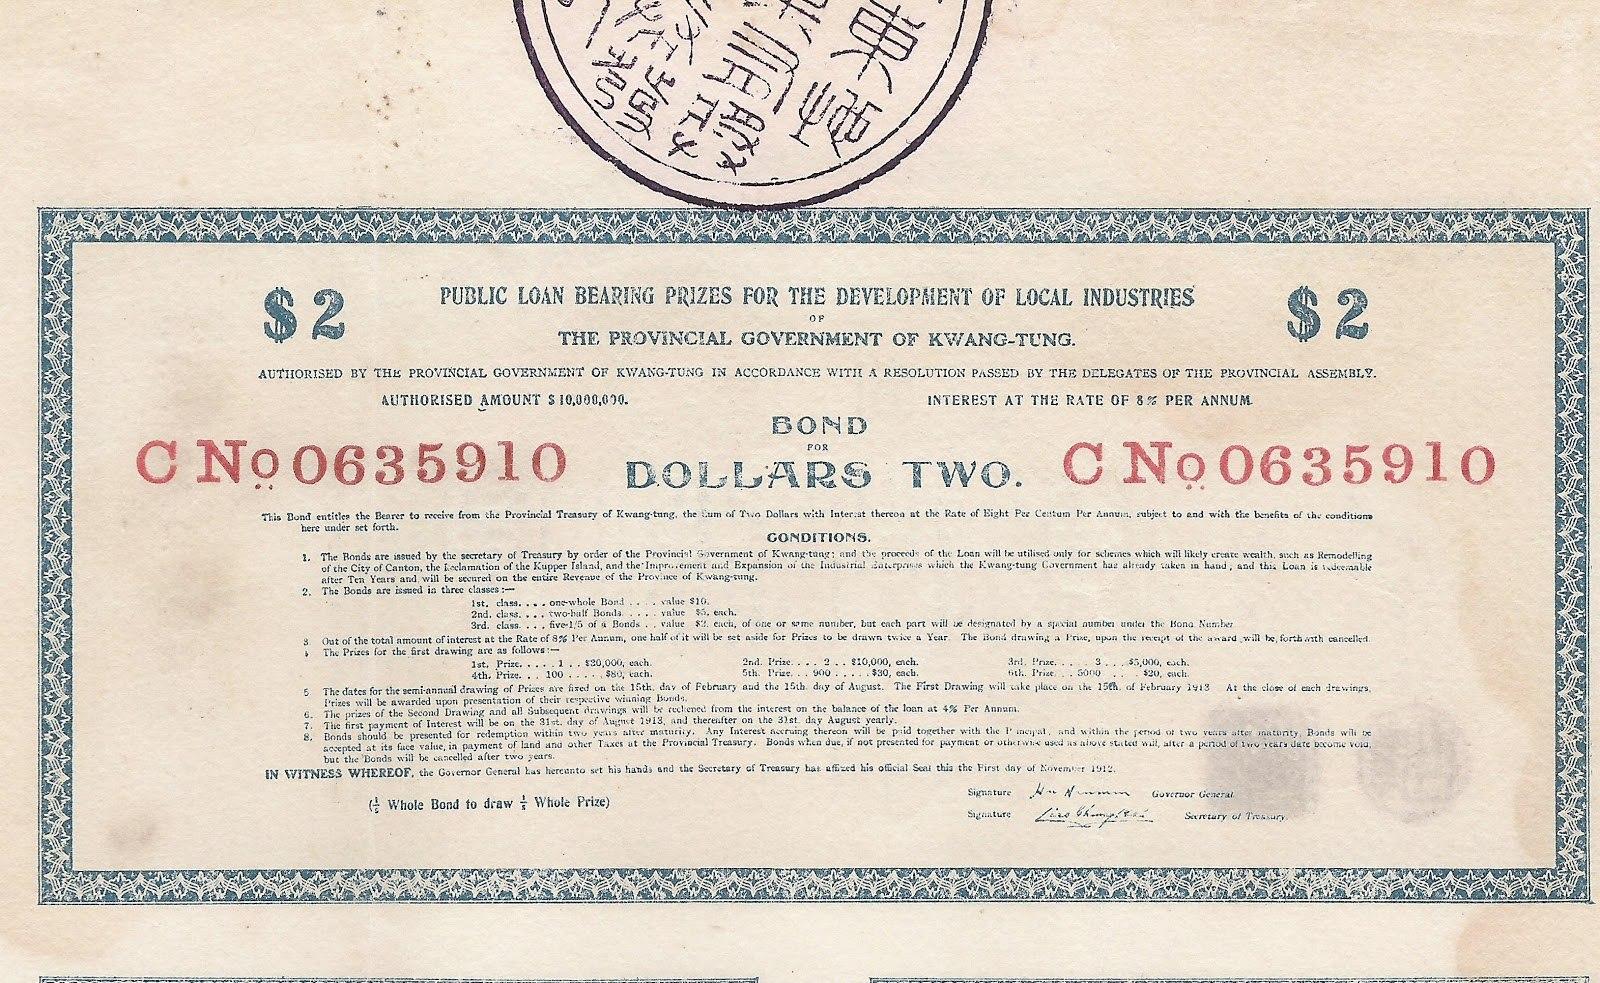 Certificate Templates Bond Certificate Template Gallery Template Regarding Corporate Bond Certificate Template